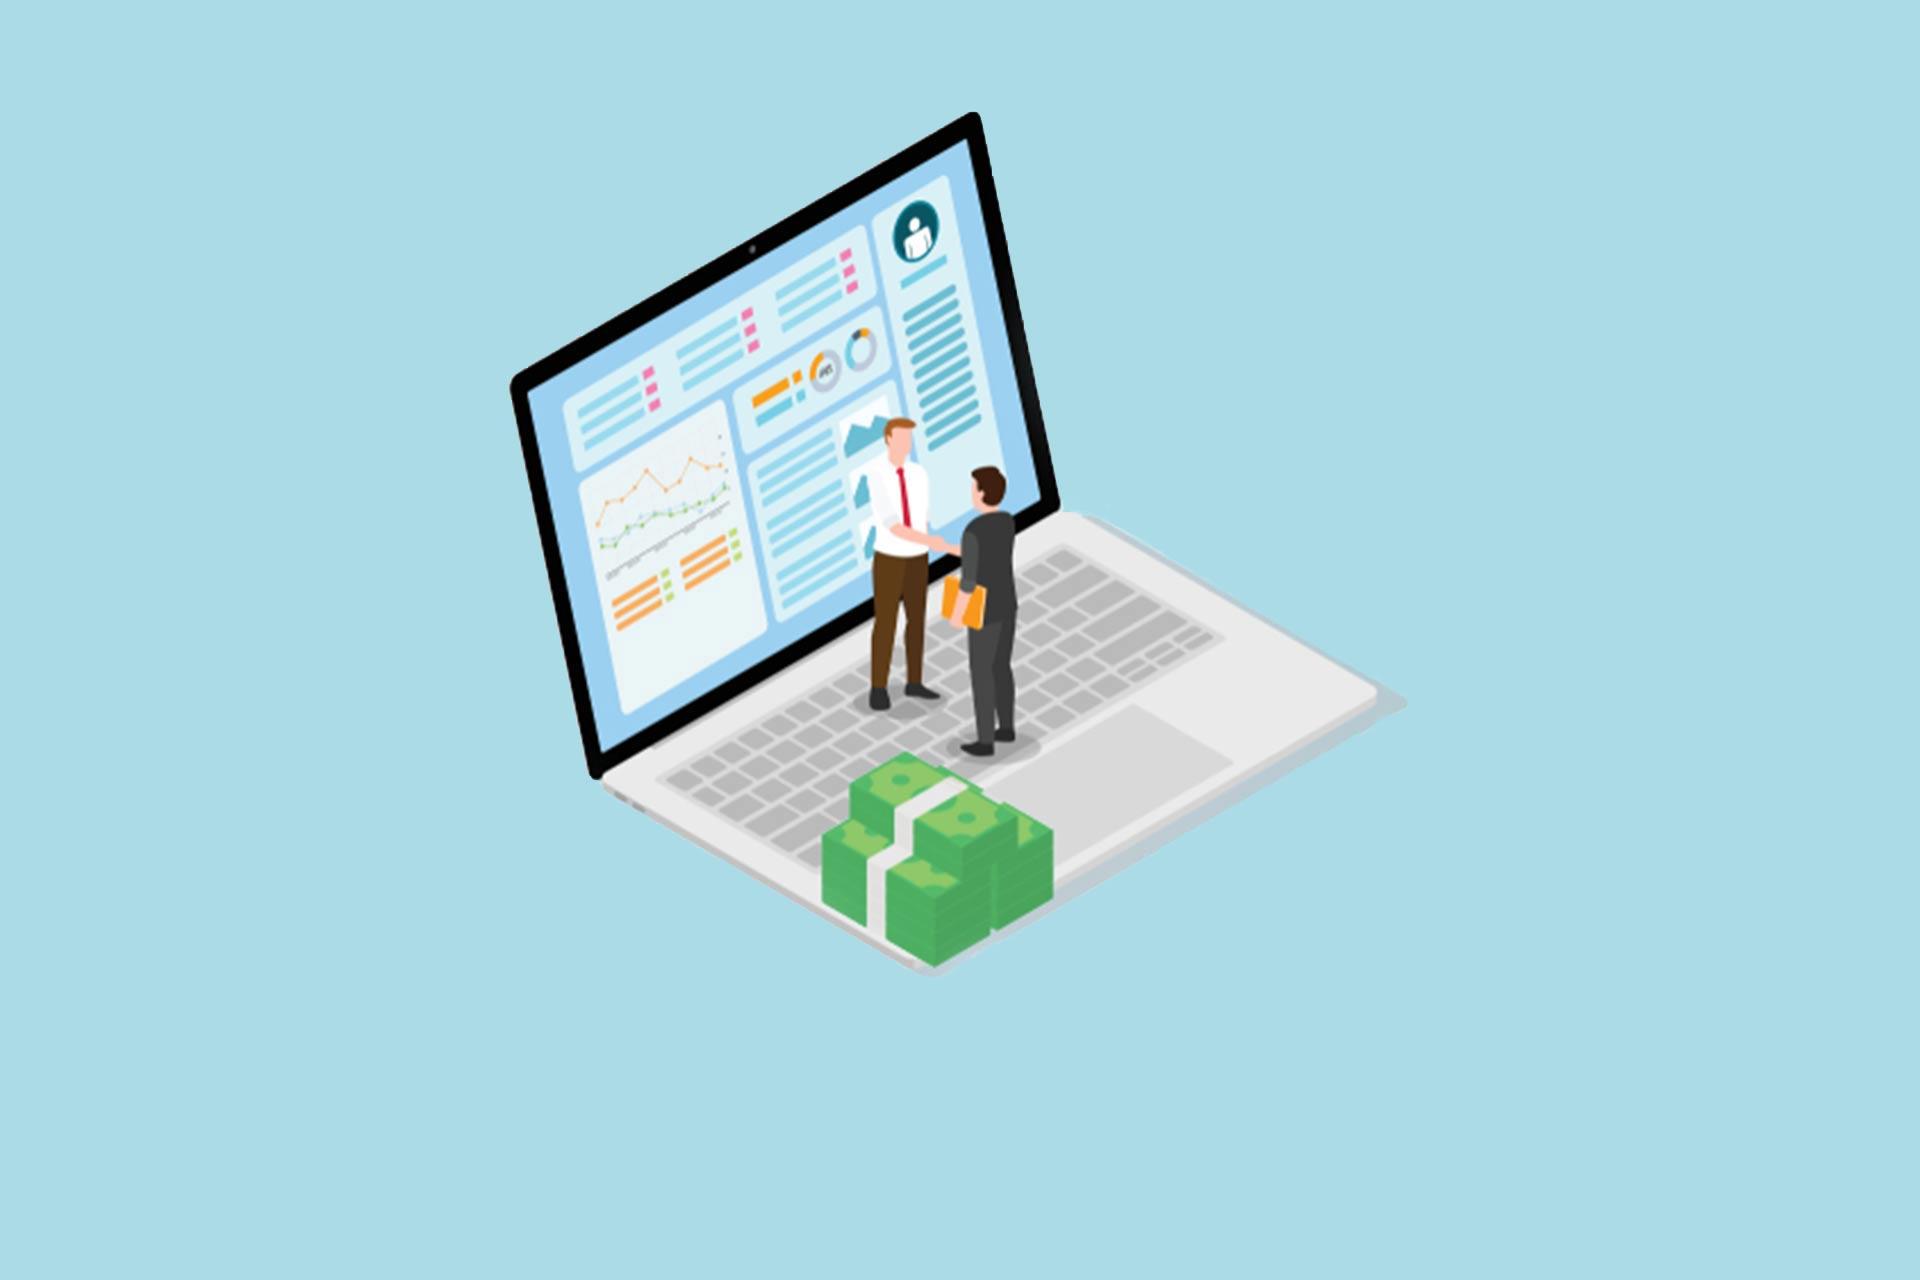 طراحی پاورپوینت حرفهای برای کسب و کار